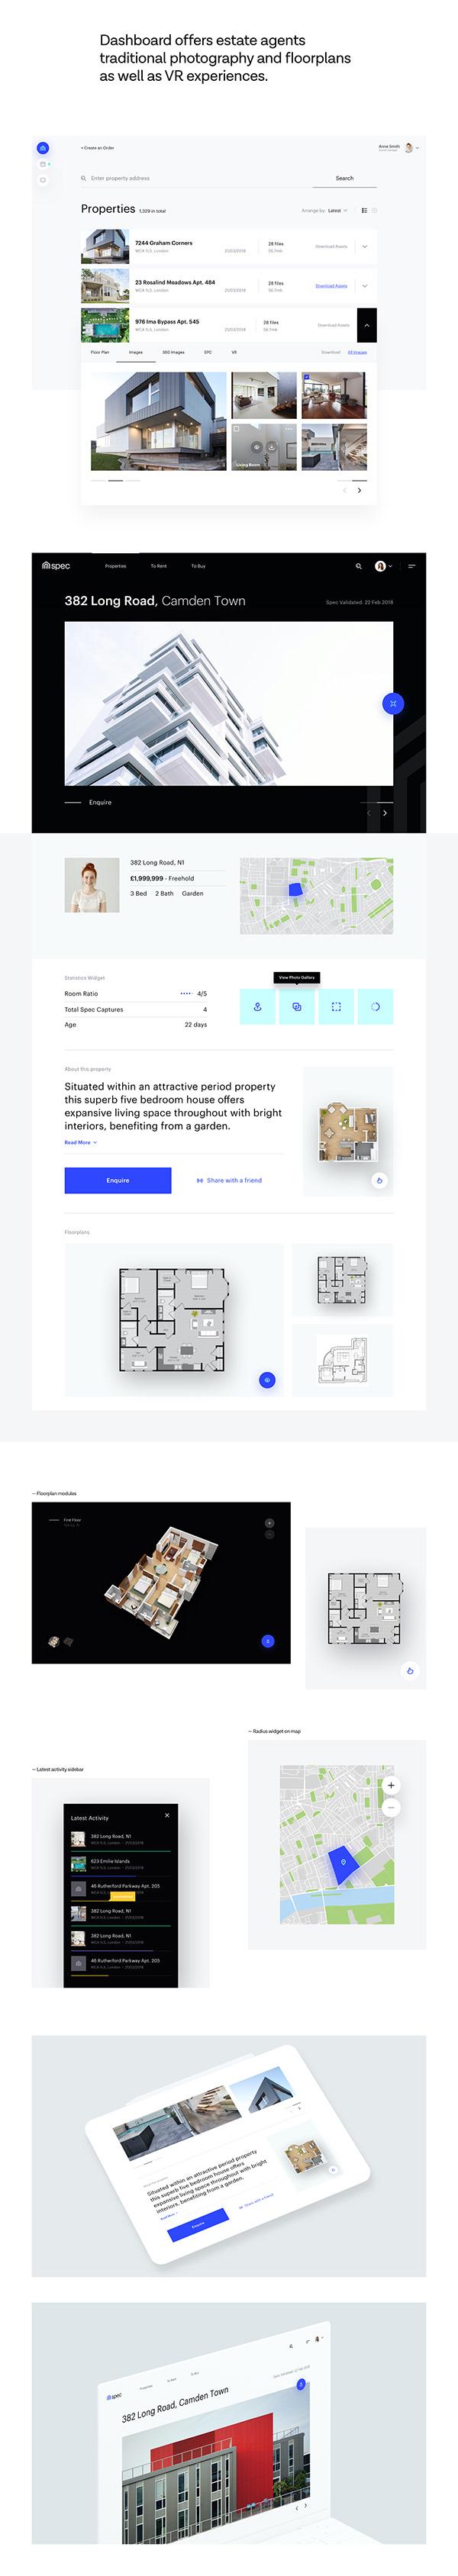 Spec - product design